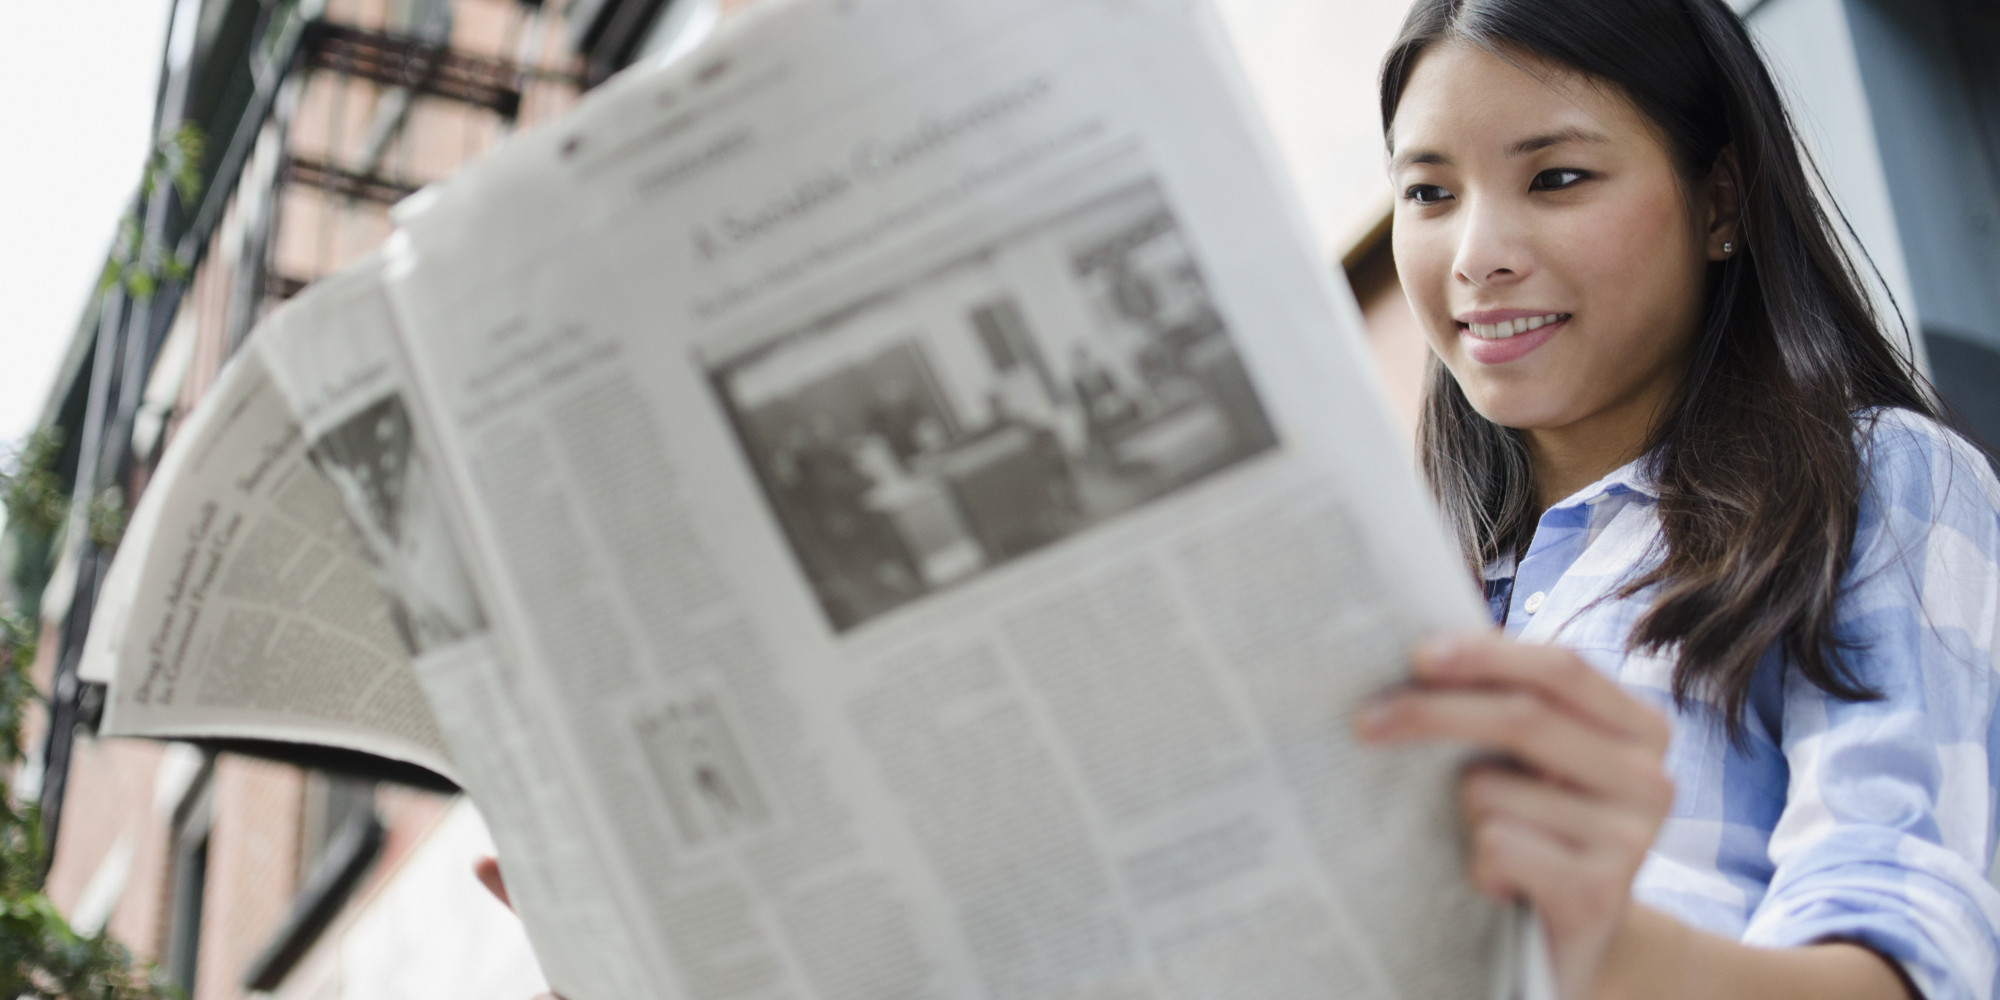 Resultado de imagem para student reading newspaper